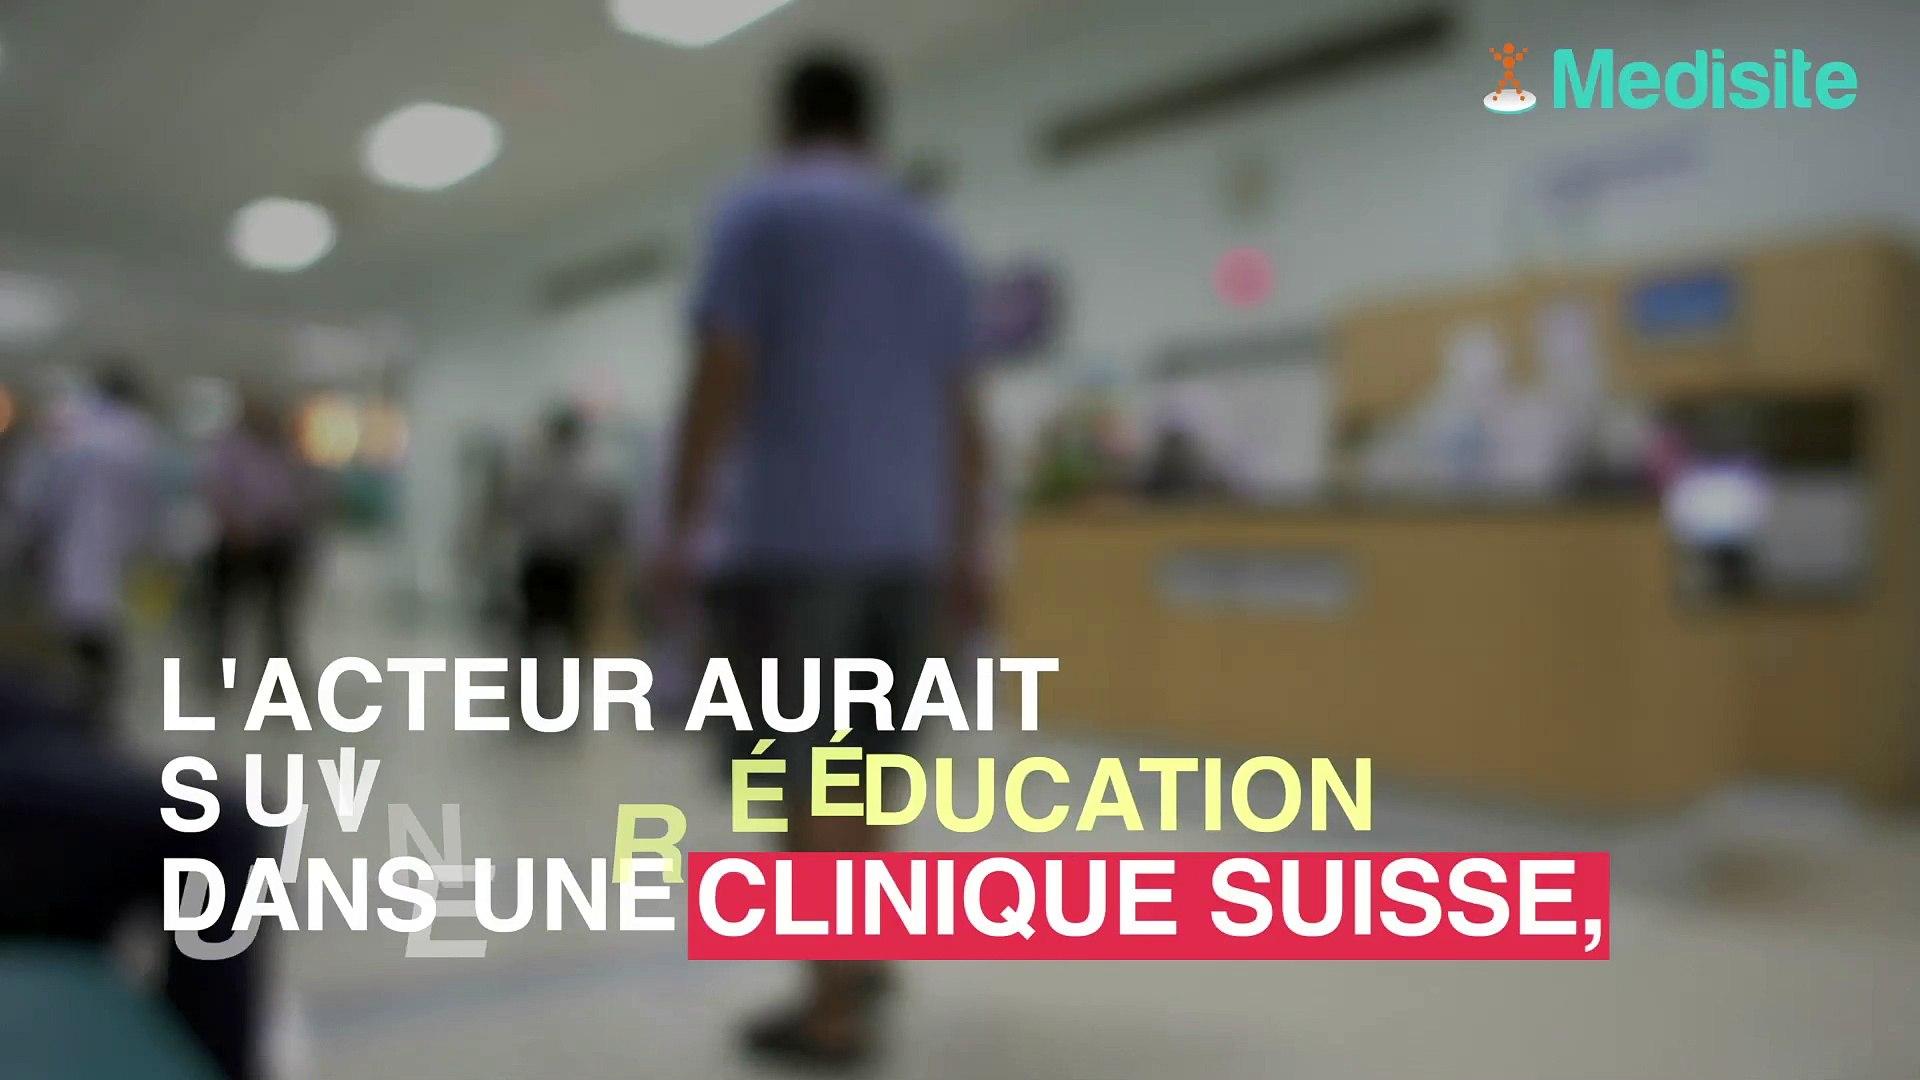 Alain Delon - l'opération qu'il a subi en secret